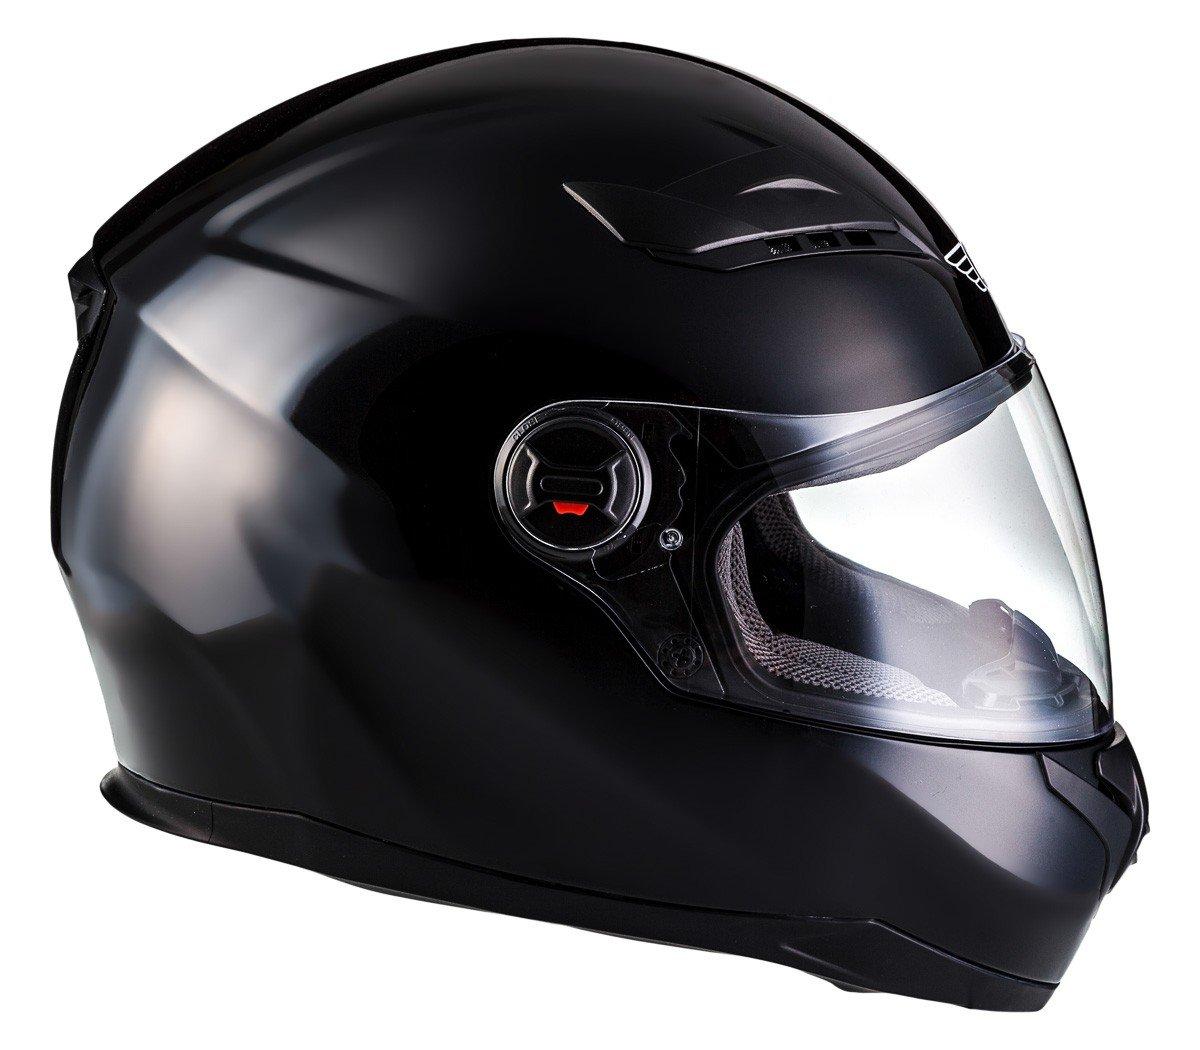 Cloth Bag /· White /· S 55-56cm MOTO X86 Gloss White /· Moto-Helmet Full-Face Scooter-Helmet Urban Street Sport Motorcycle-Helmet Cruiser Helmet /· ECE certified /· incl Visor /· incl